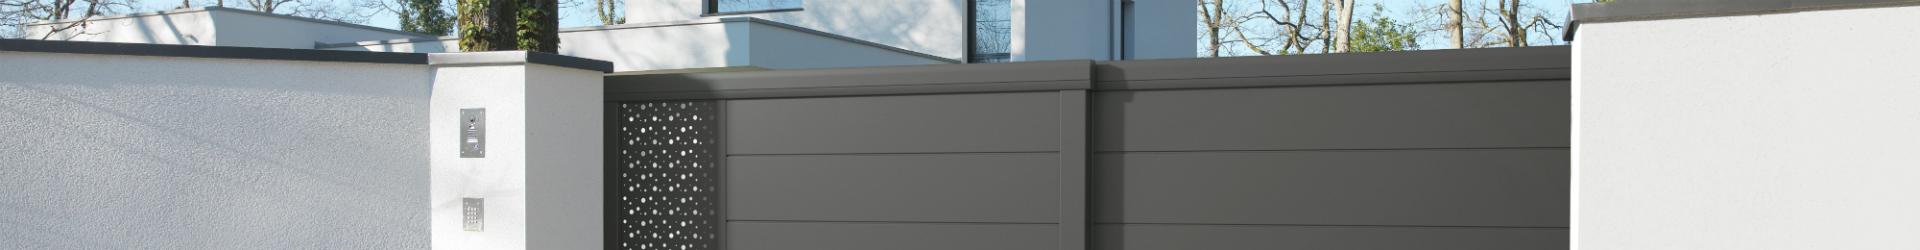 portail-telescopique-aluminium-gris-guichen